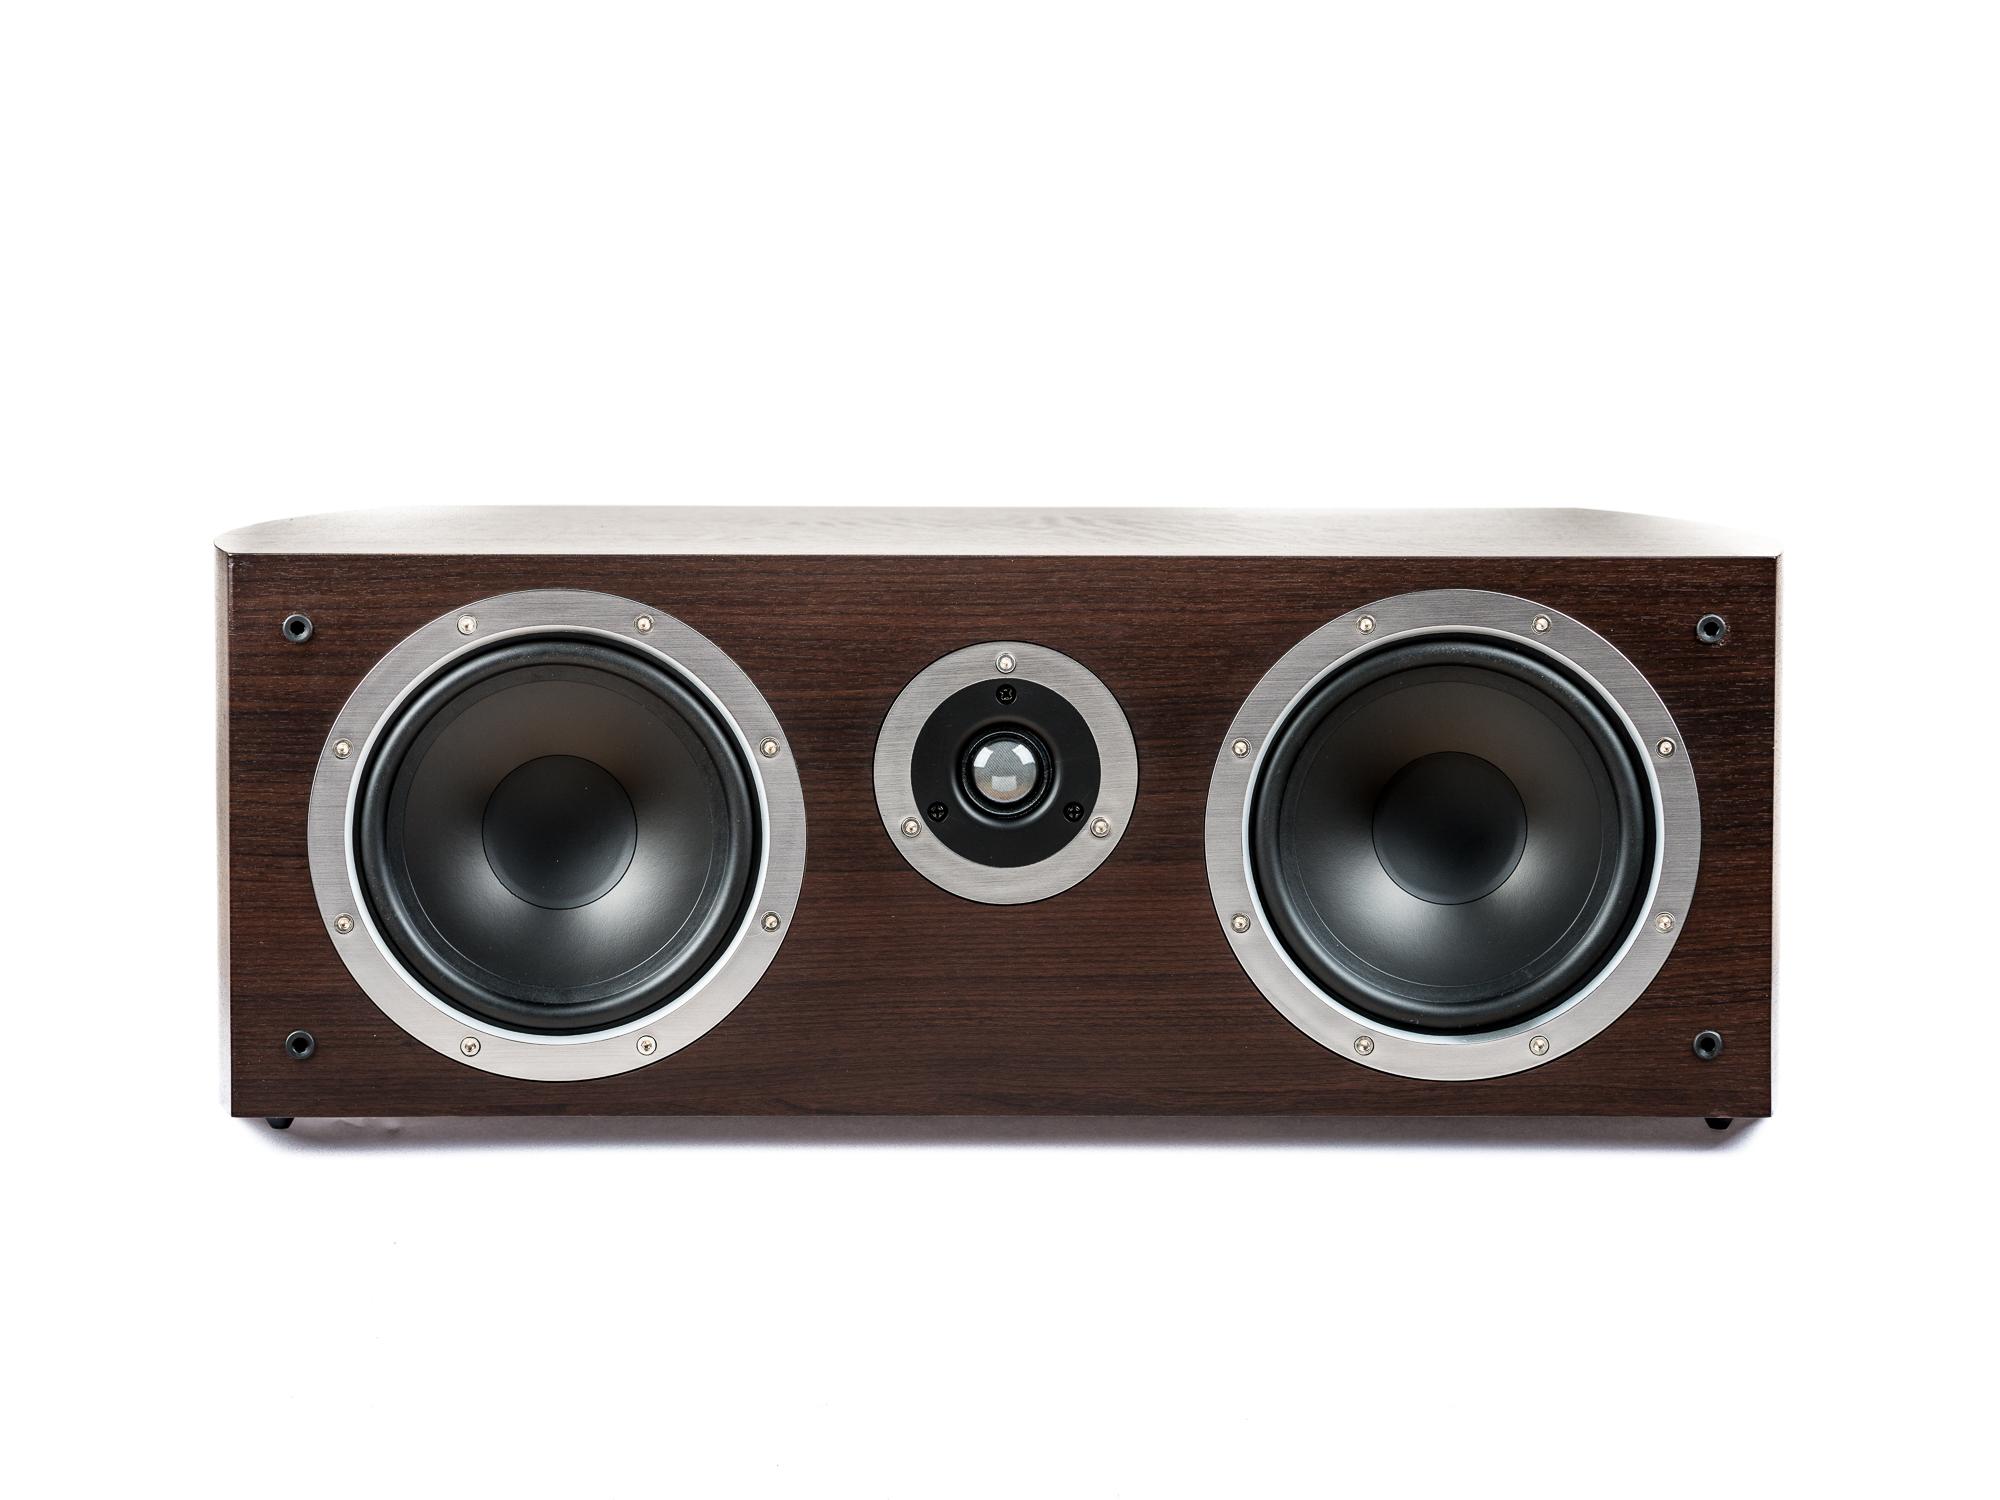 PG Audio Center Lautsprecher einsetzbar zur Heco Victa 101,Prime 102,espresso,Neu – Bild 1